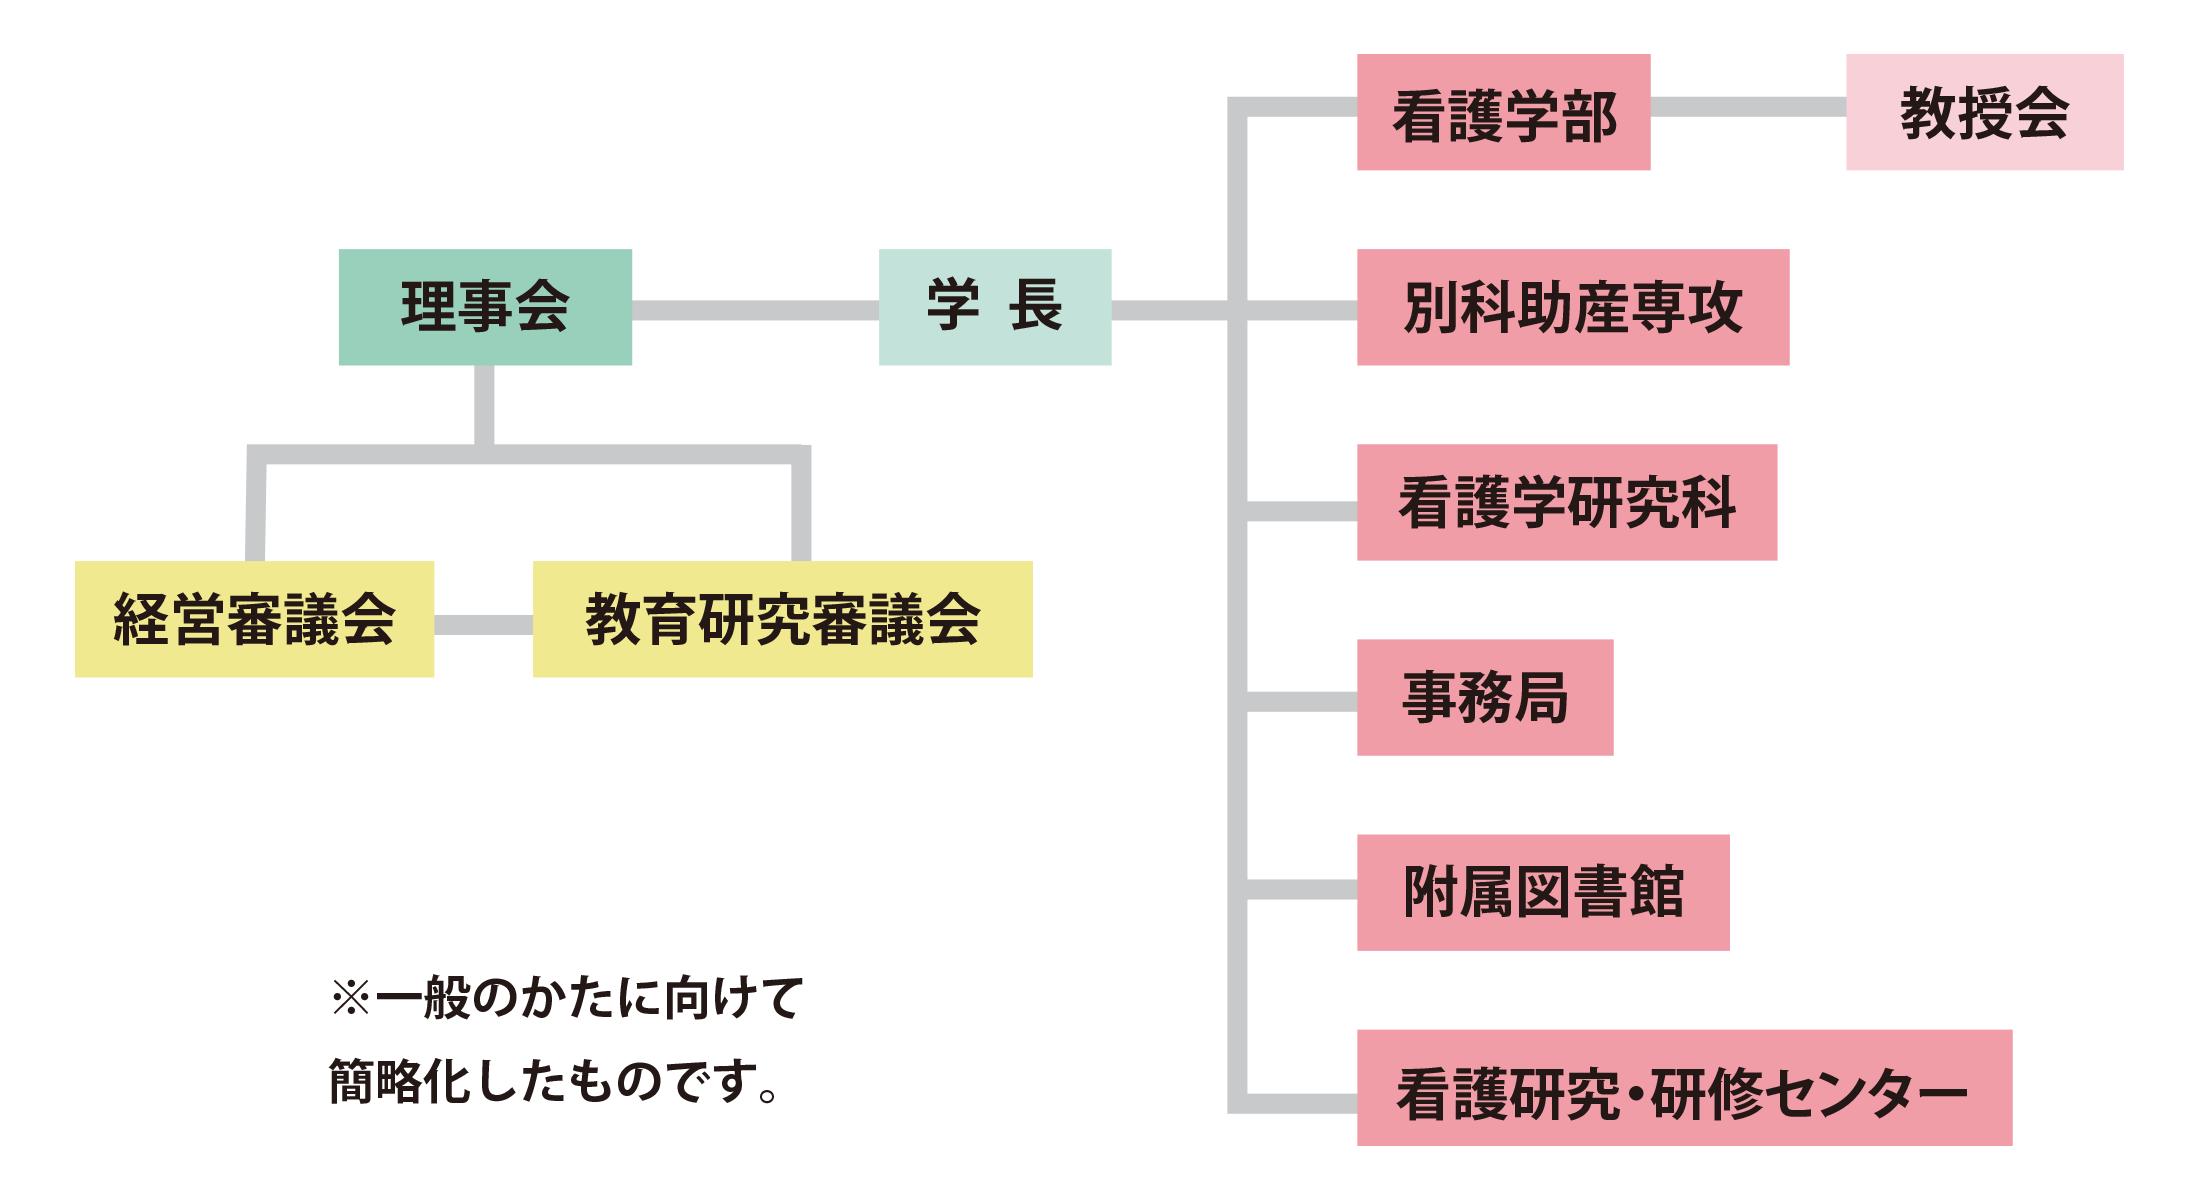 学内委員会組織図